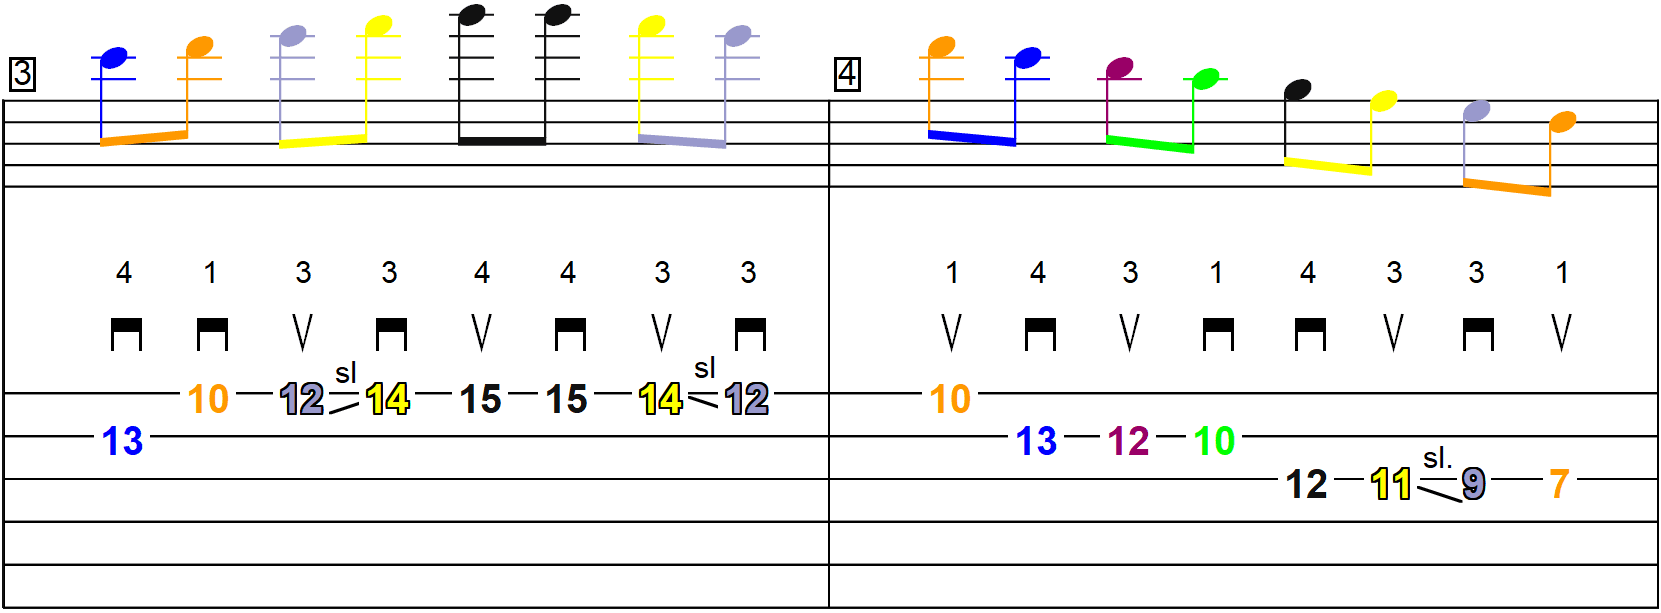 La gamme majeure de Sol en démanché (jeu latéral) - Schéma n°2 sur la partition et la tablature (page 2)